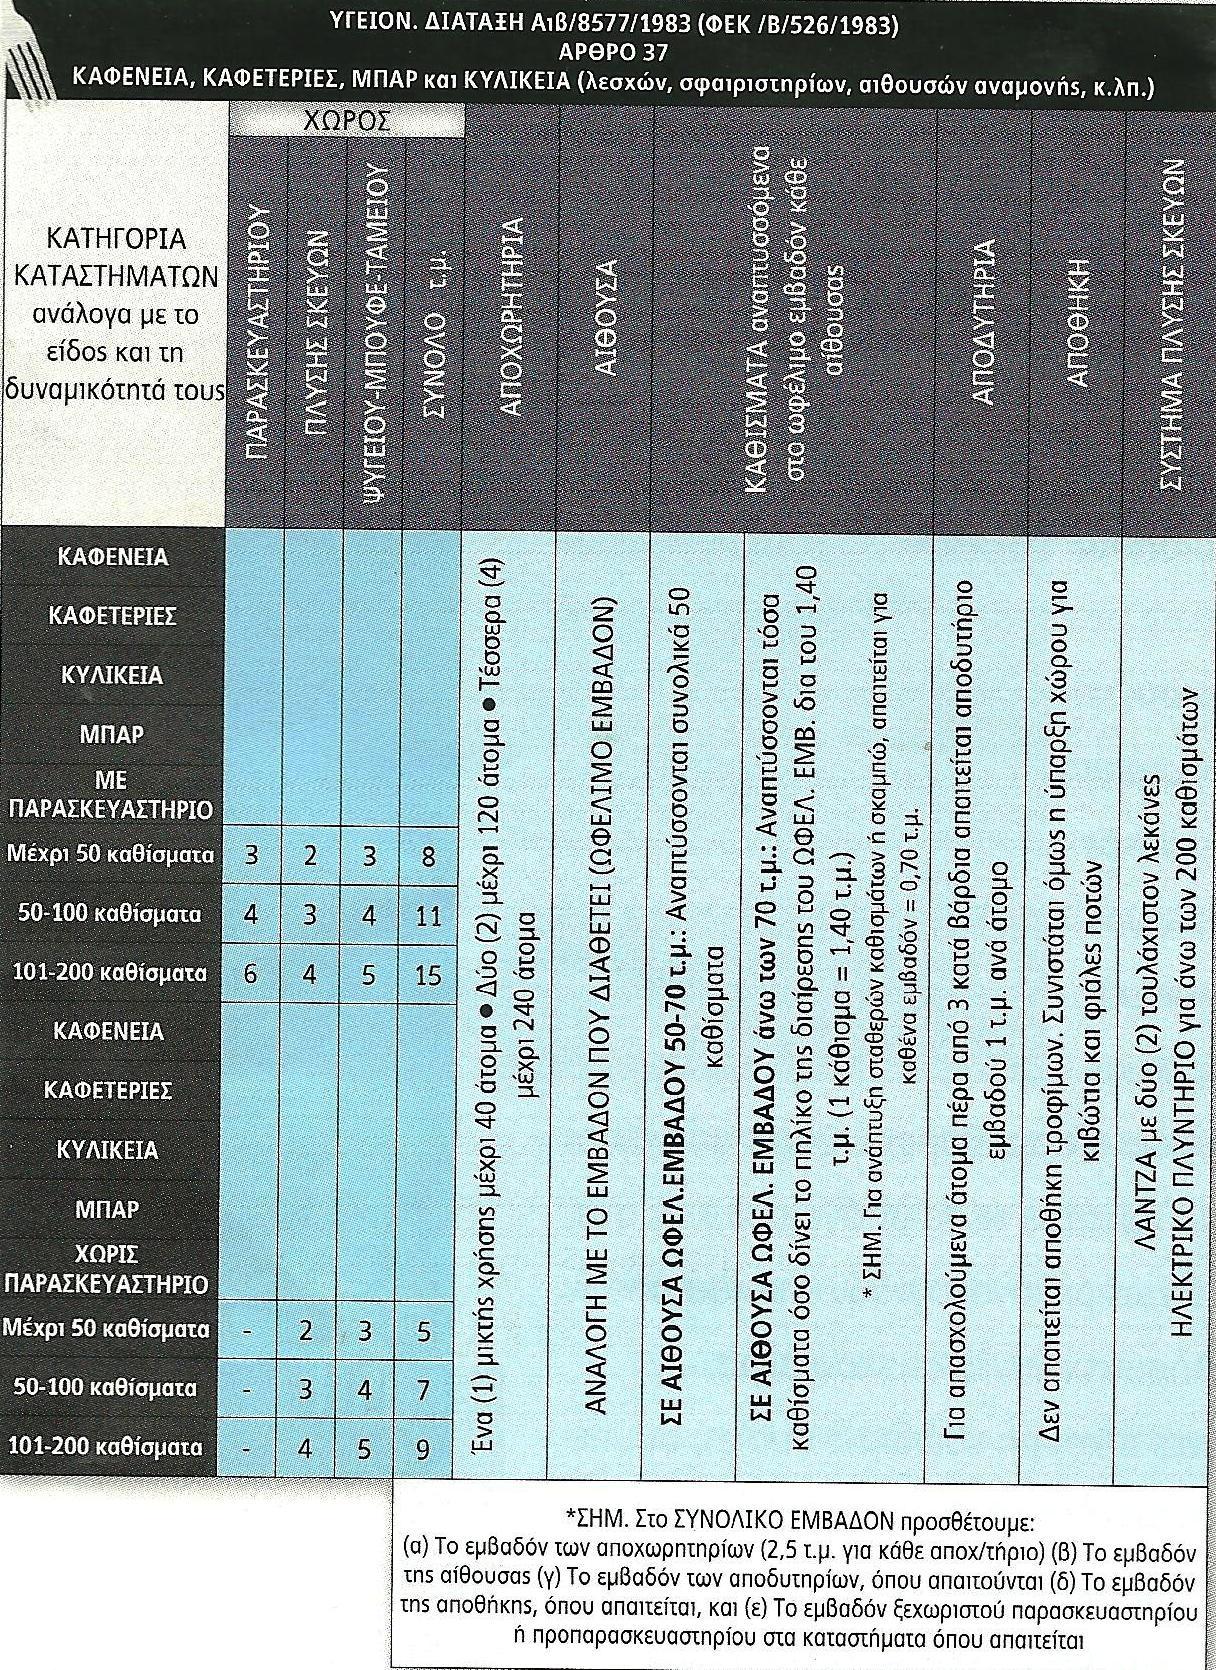 Άρθρο 37 (ΚΑΦΕΝΕΙΑ – ΚΑΦΕΤΕΡΙΕΣ – ΚΥΛΙΚΕΙΑ – ΜΠΑΡ)  c583263cb85